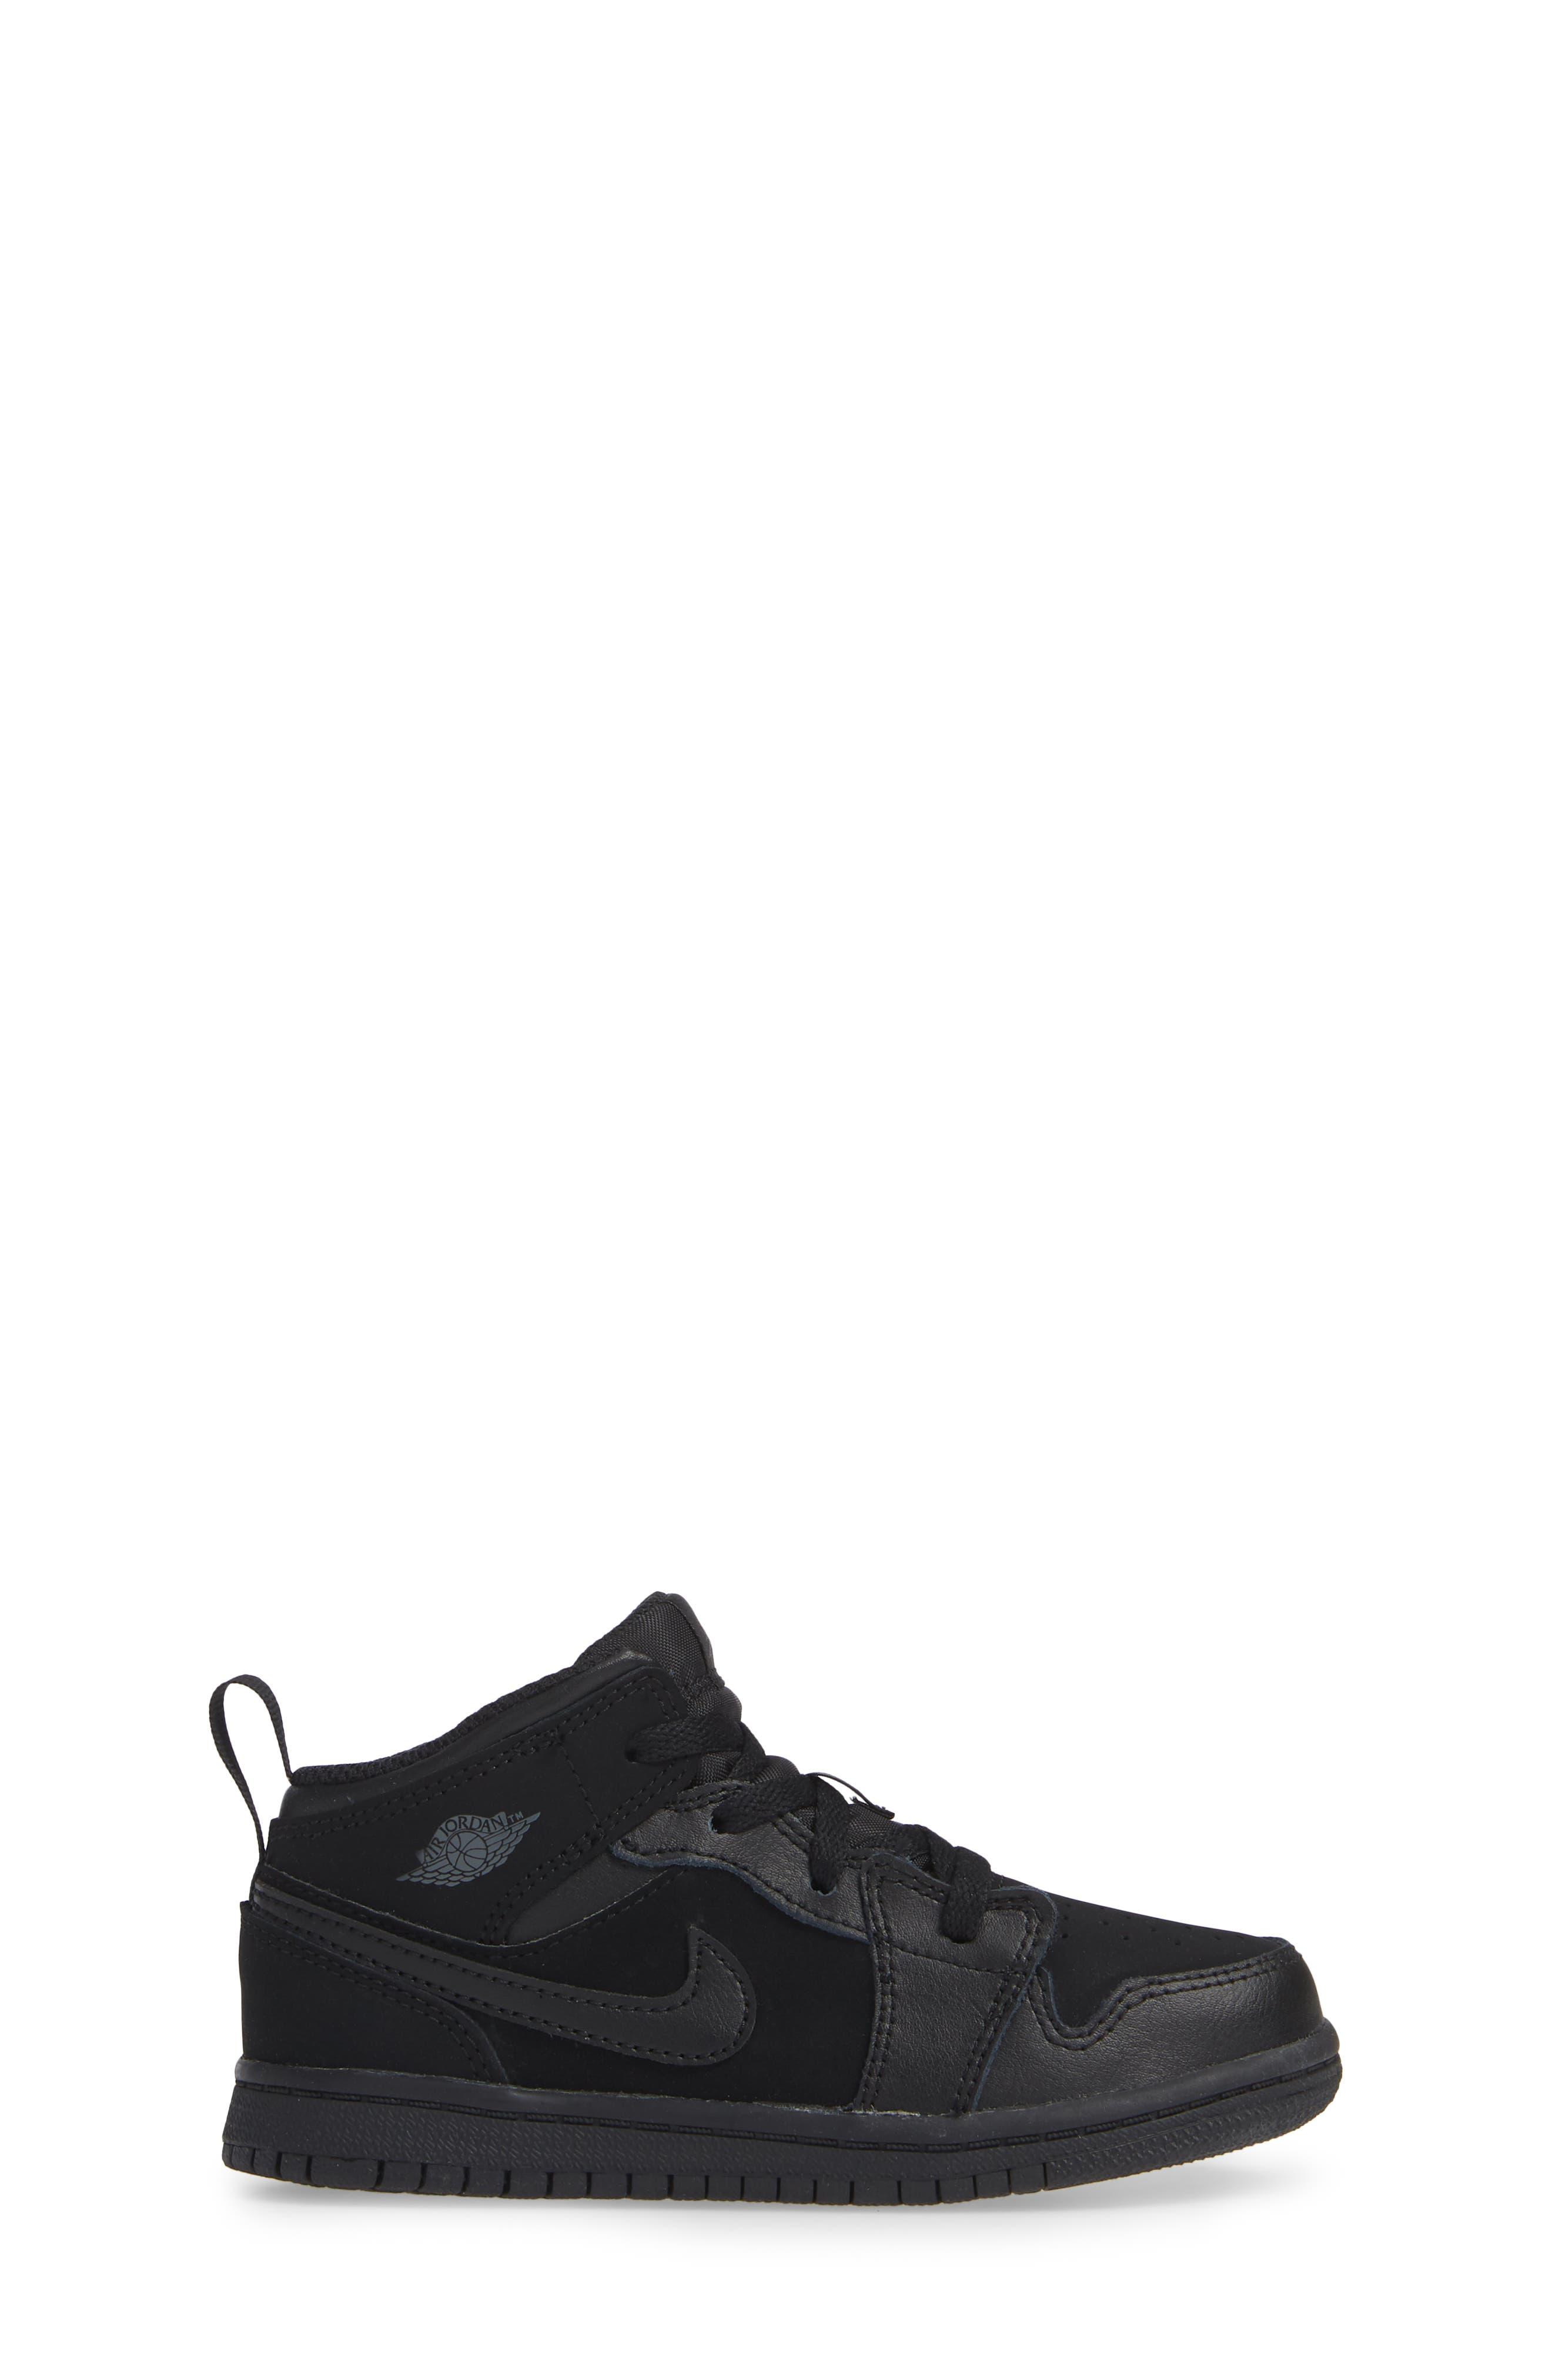 Nike 'Air Jordan 1 Mid' Sneaker,                             Alternate thumbnail 3, color,                             BLACK/ DARK GREY/ BLACK